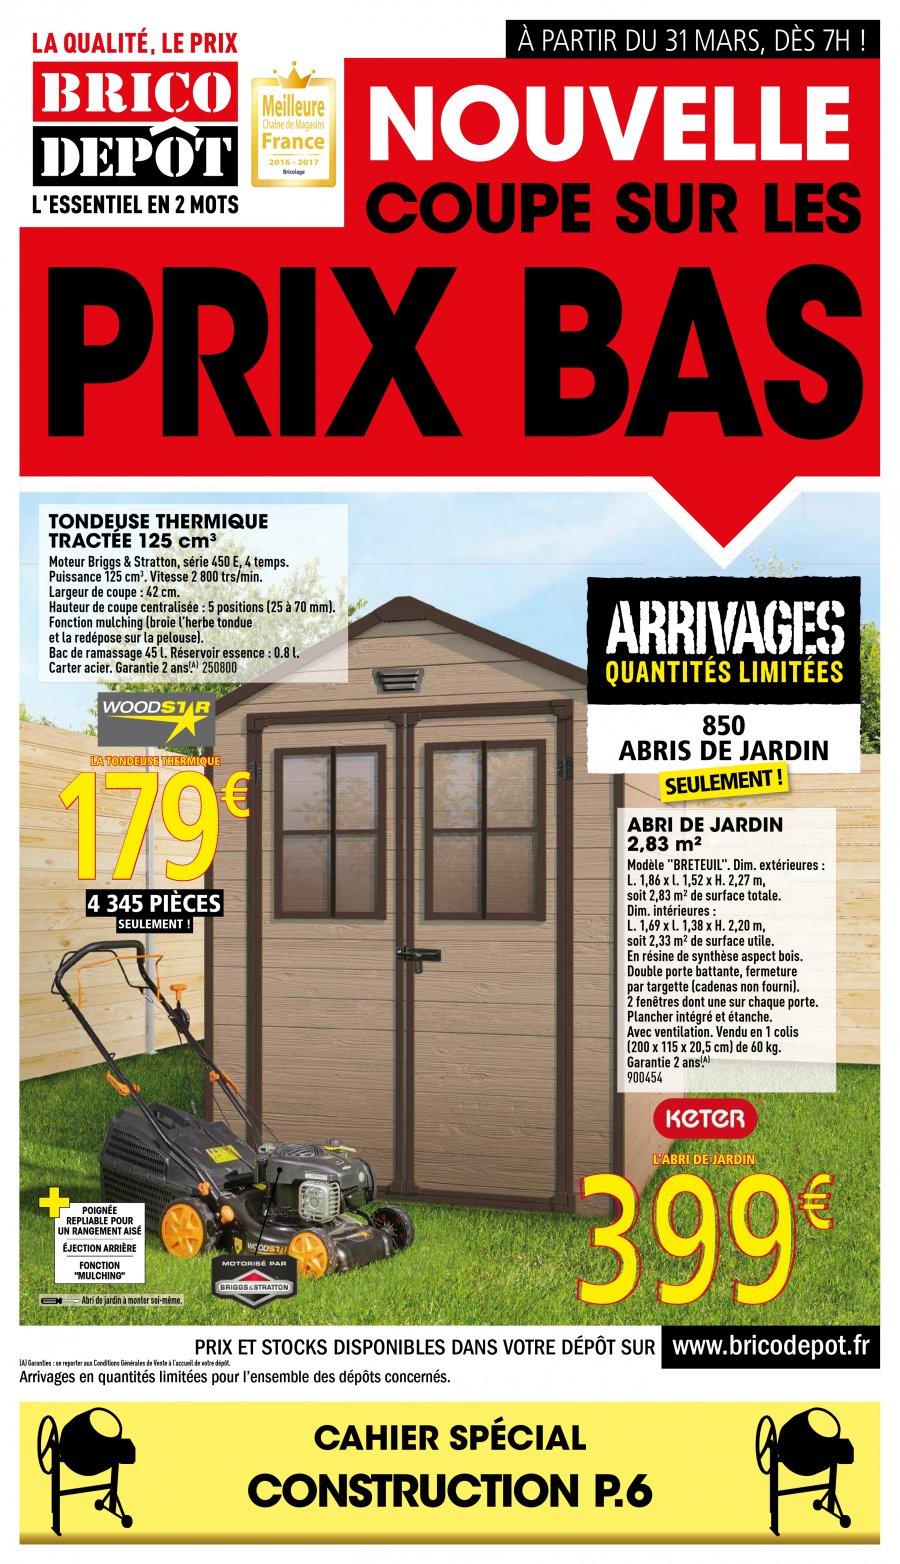 Catalogue Carrefour Abris De Jardin Affordable Abri De Jardin  # Abris De Jardin A Brico Depot